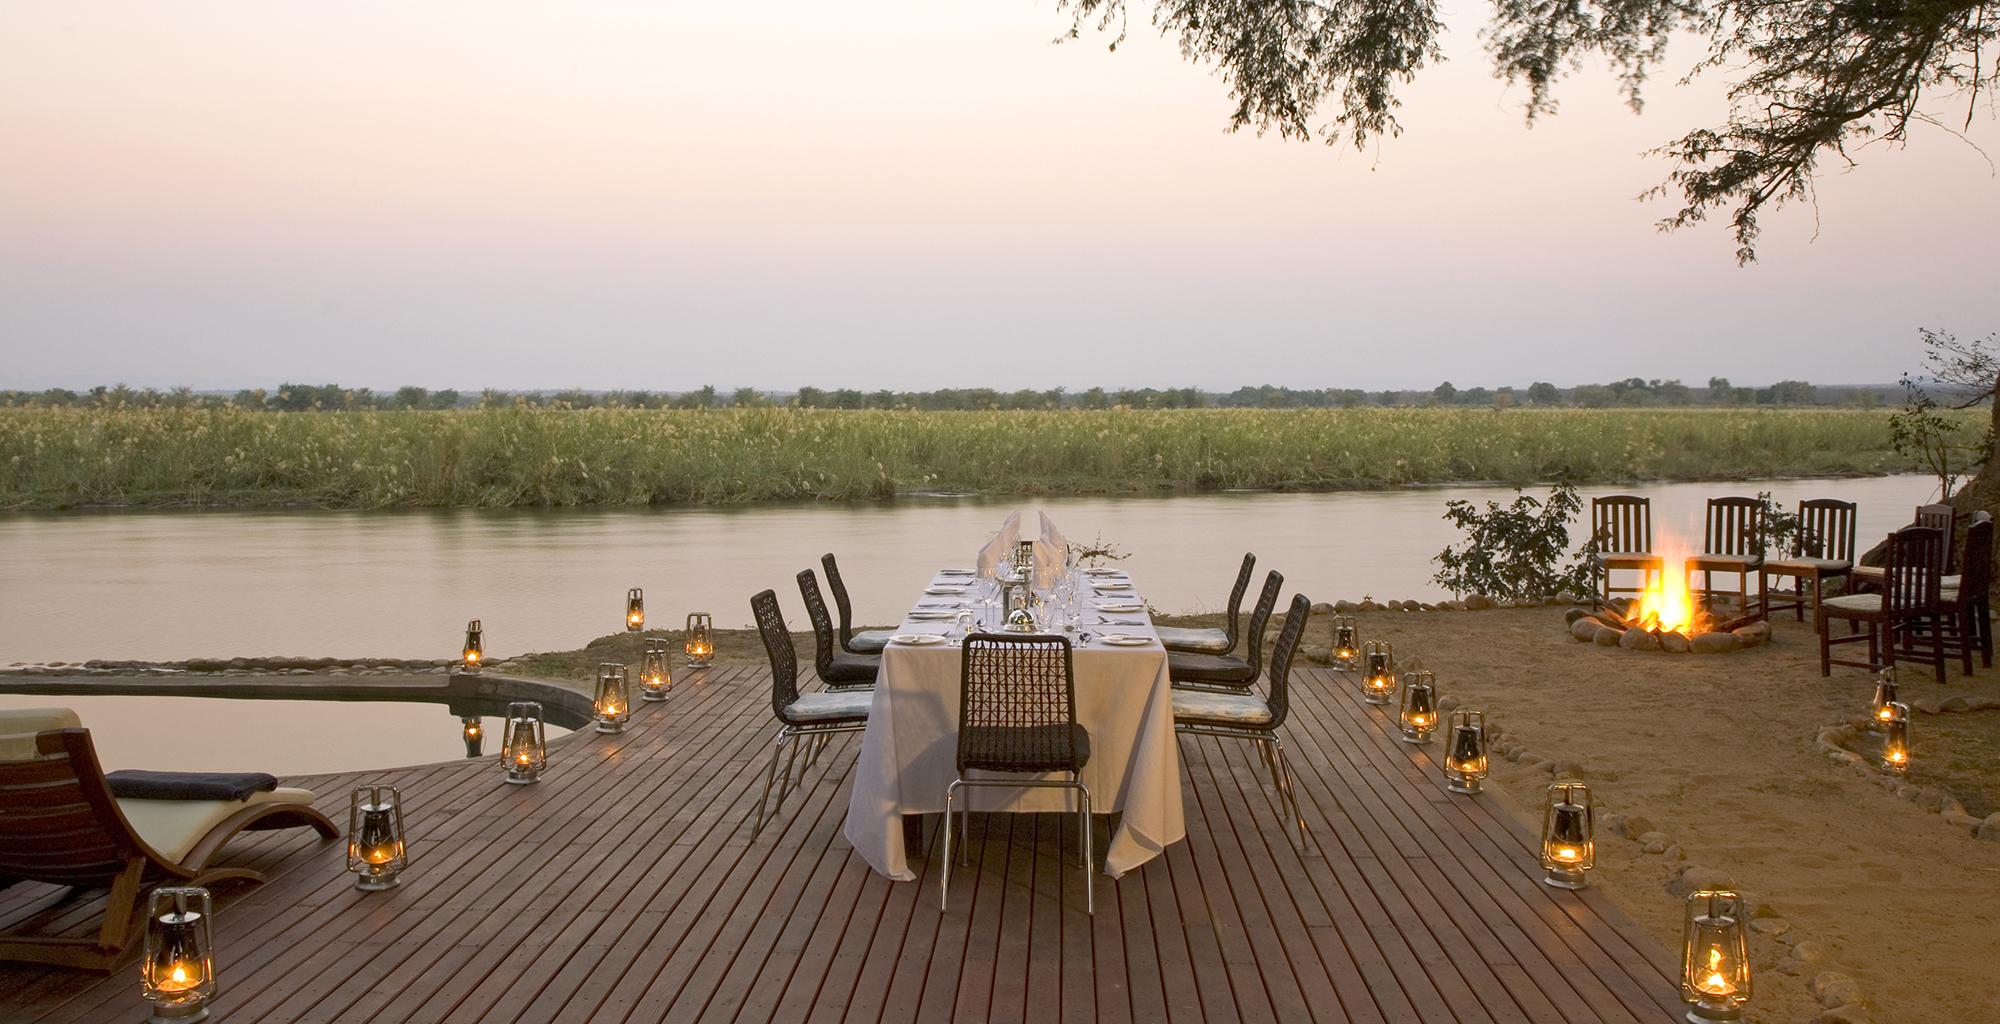 Zambia-Zambezi-Kulefu-Dining-Deck